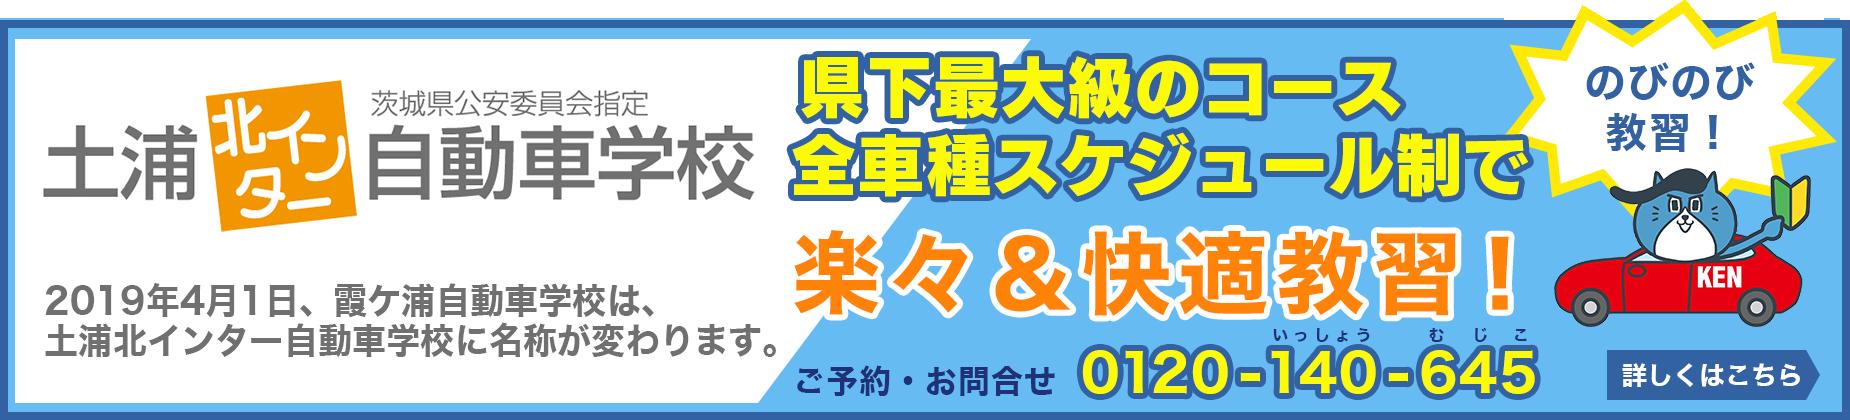 土浦北インター自動車学校